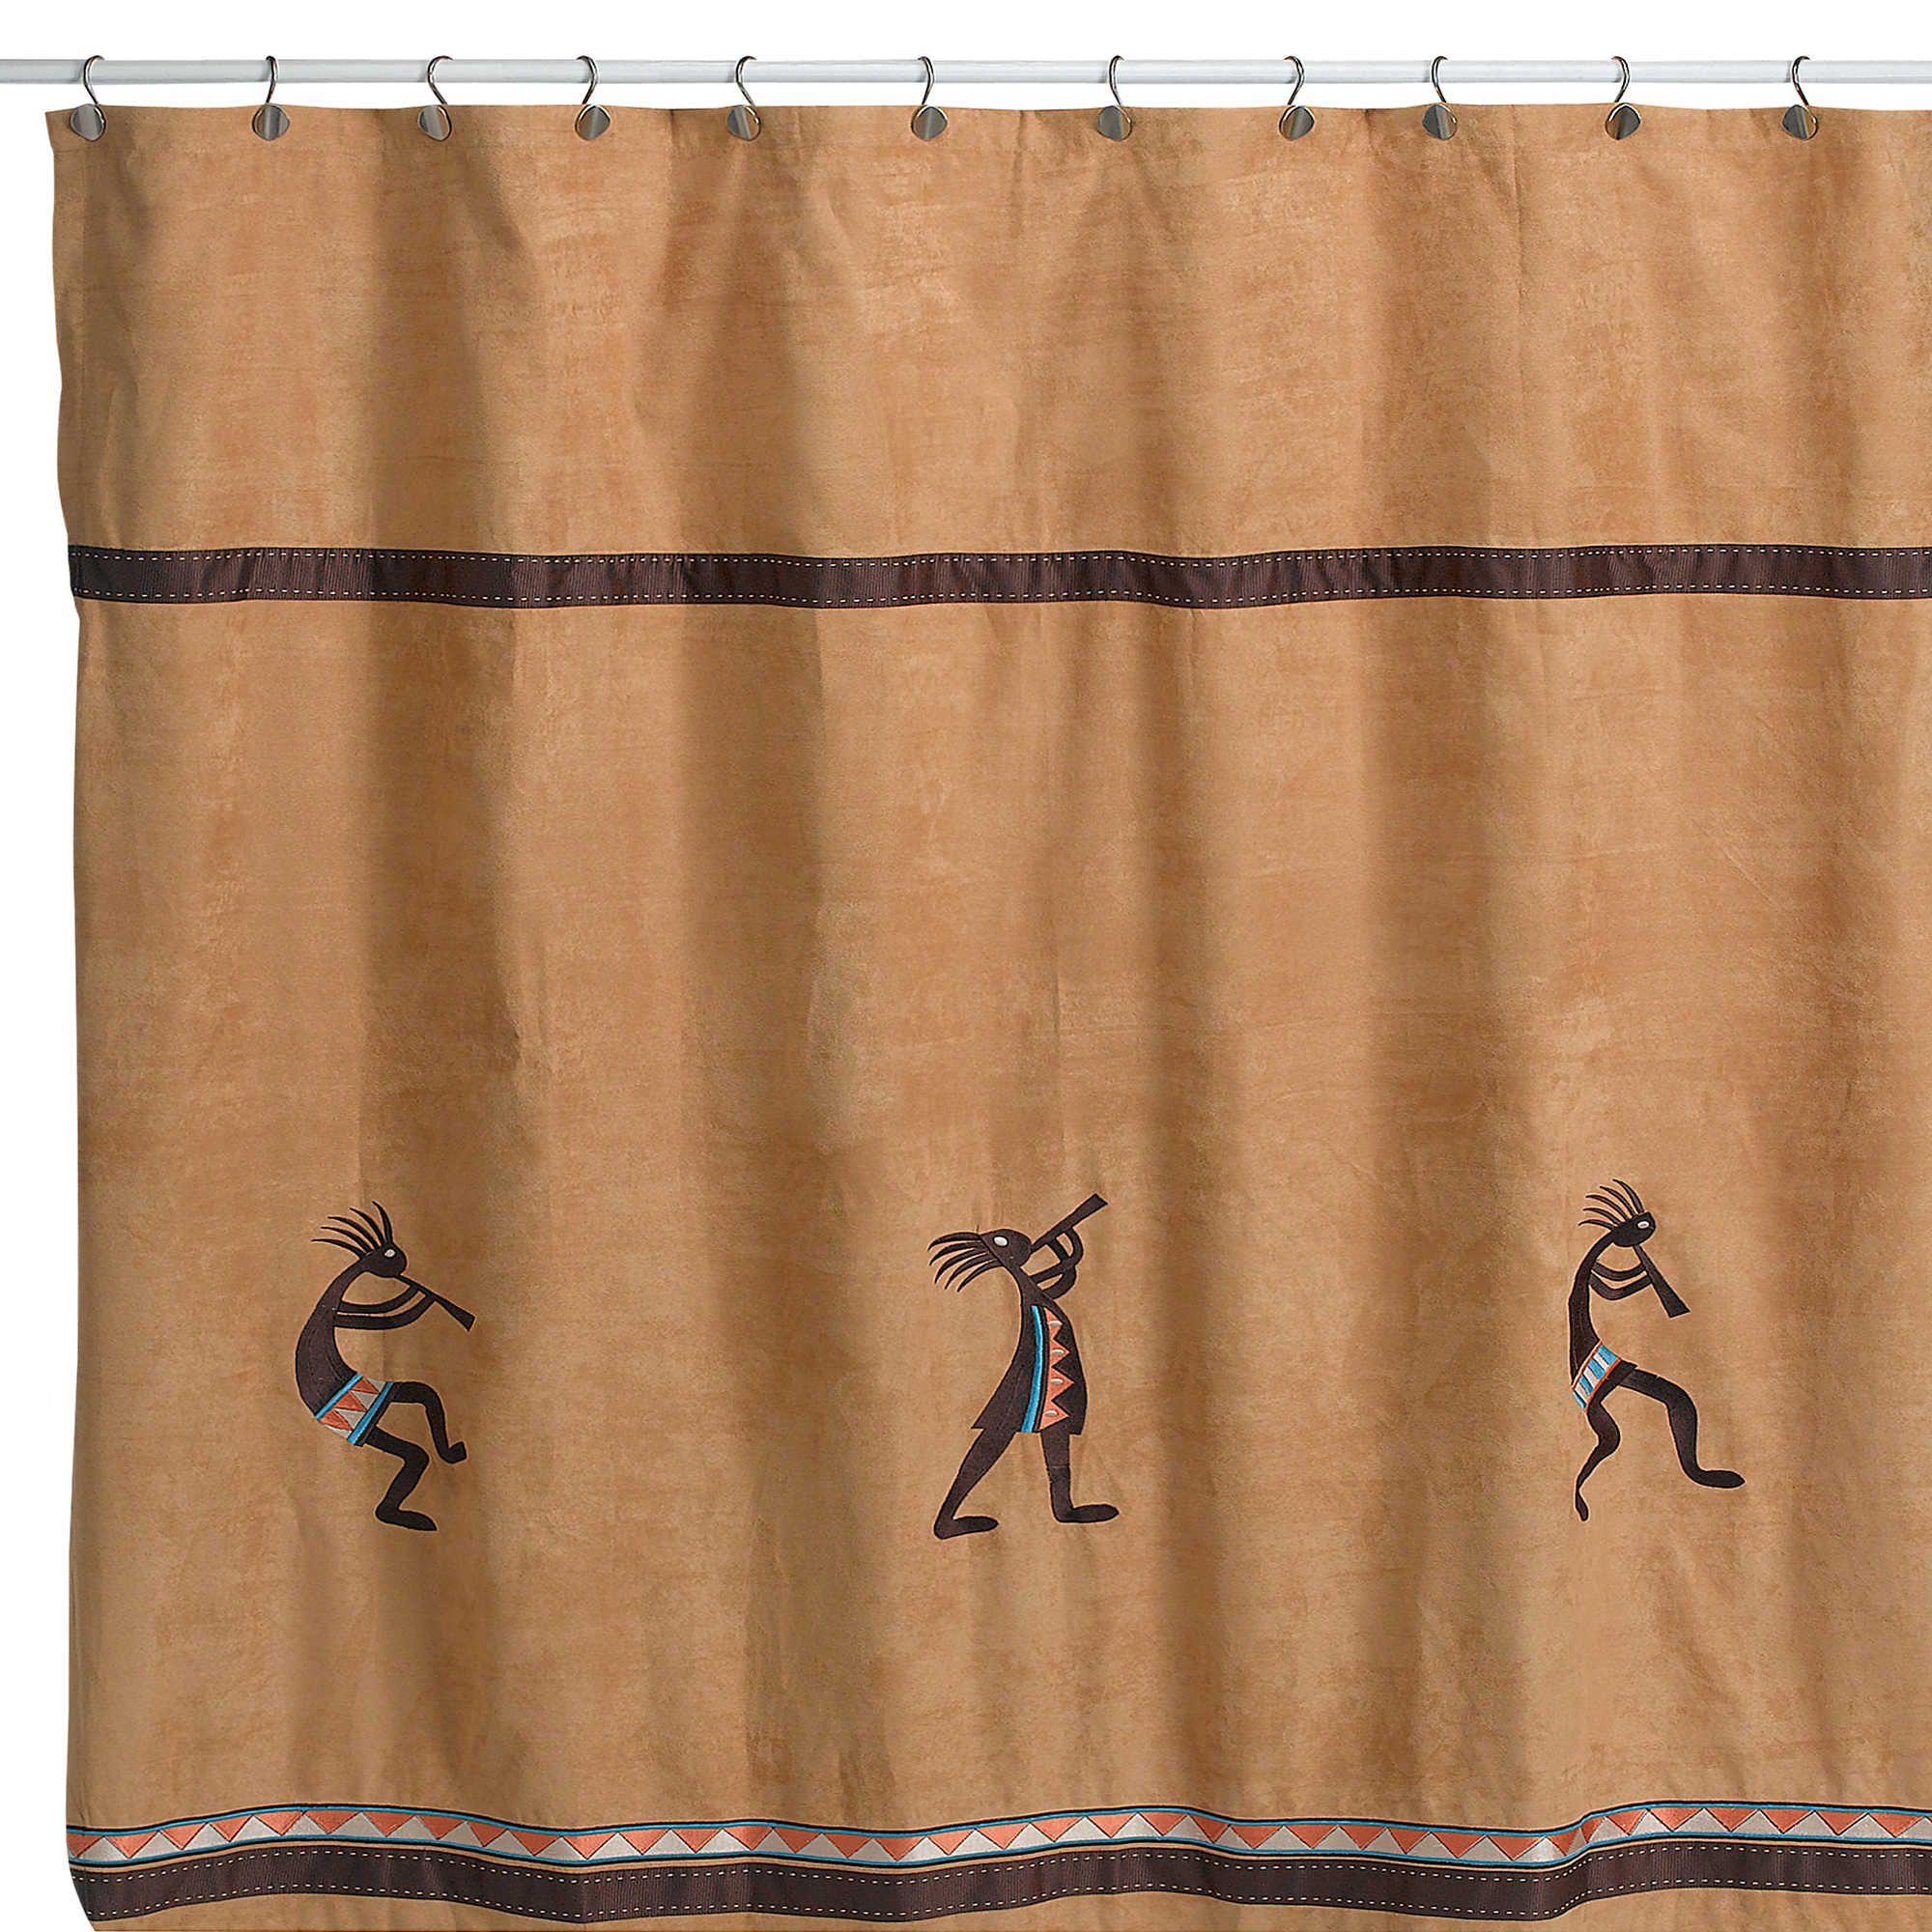 Avanti Kokopelli Shower Curtain In Nutmeg Fabric Shower Curtains Shower Curtain Curtains